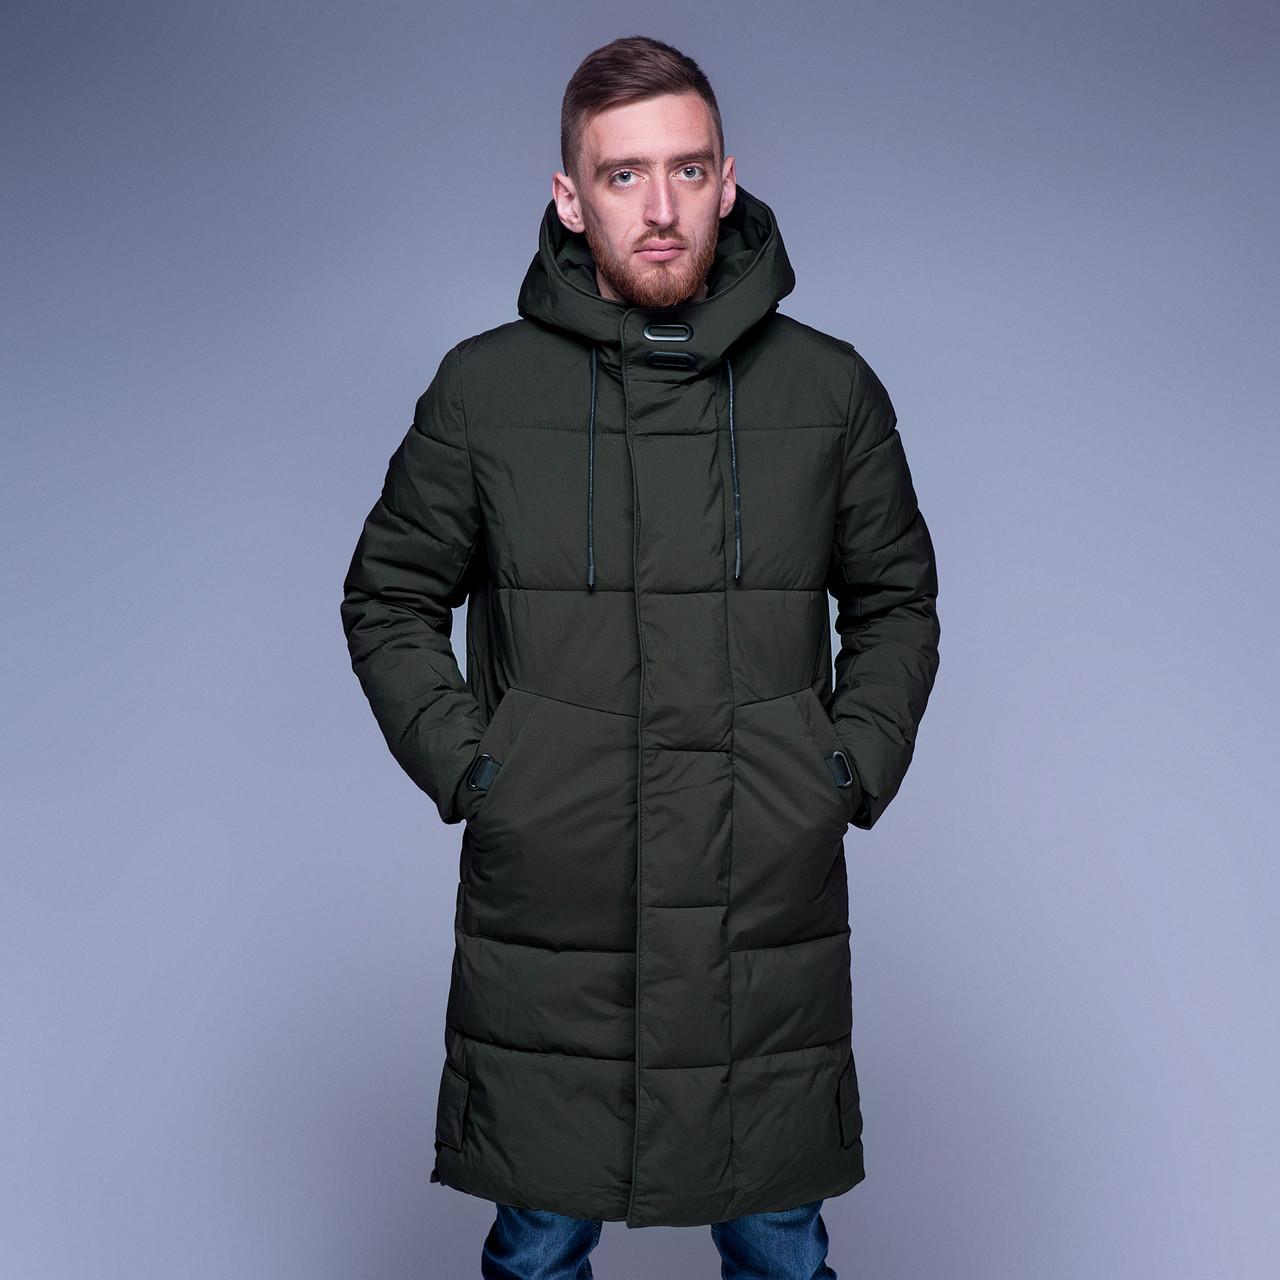 Чоловіча зимова куртка кольору хакі.